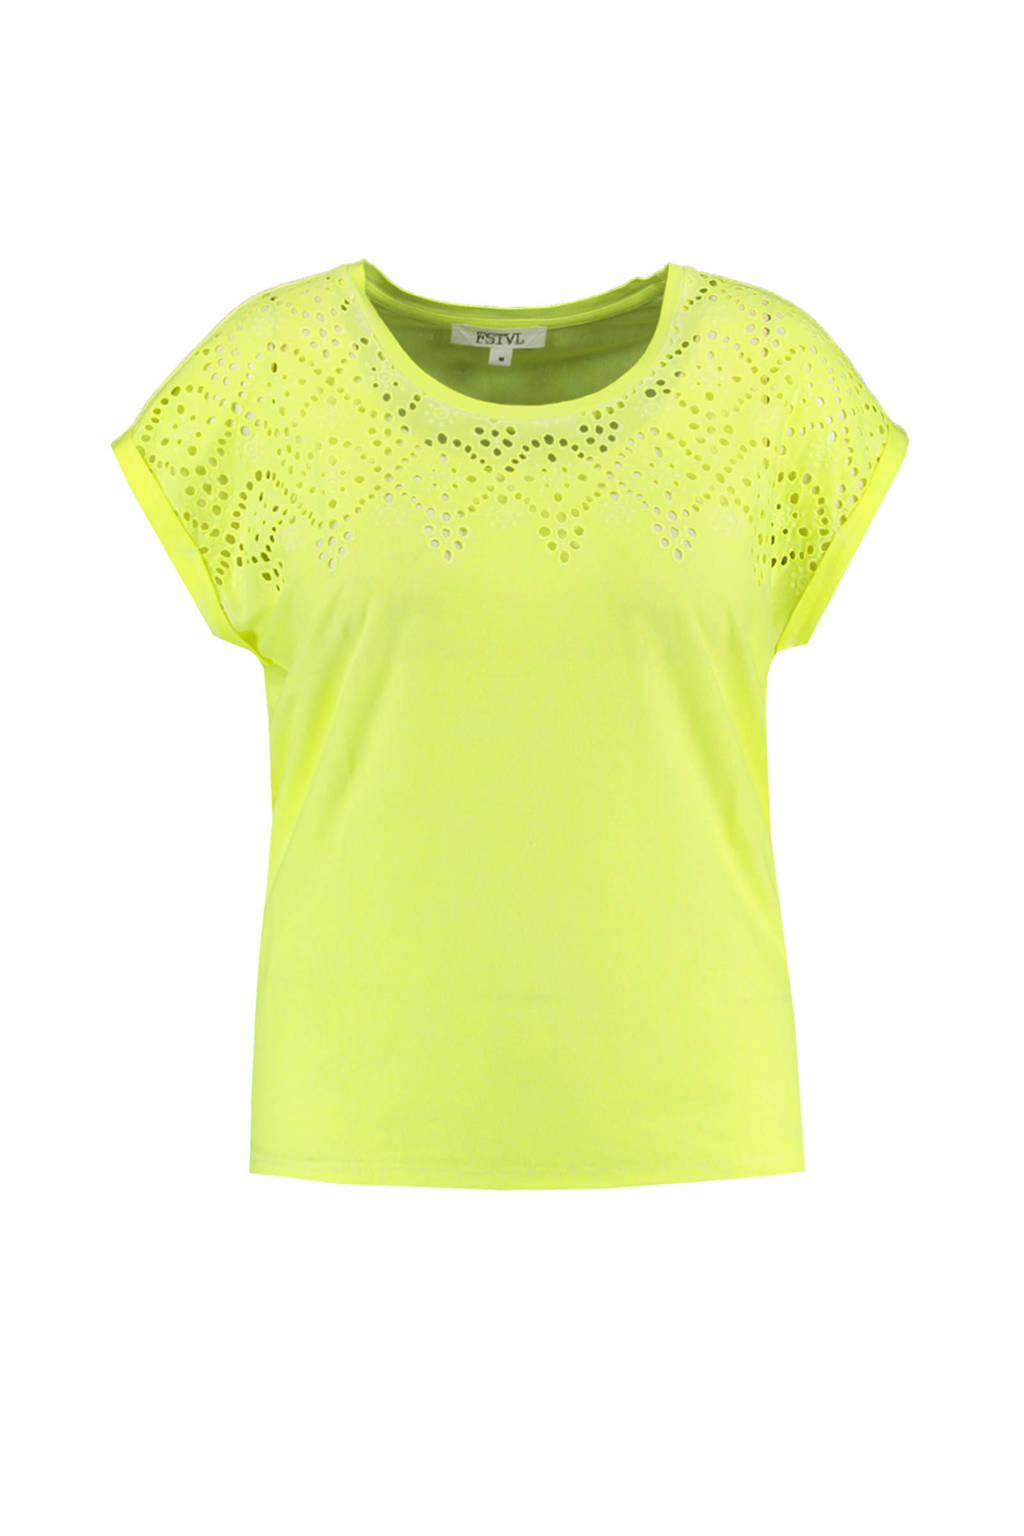 MS Mode T-shirt fluor geel, Fluor geel